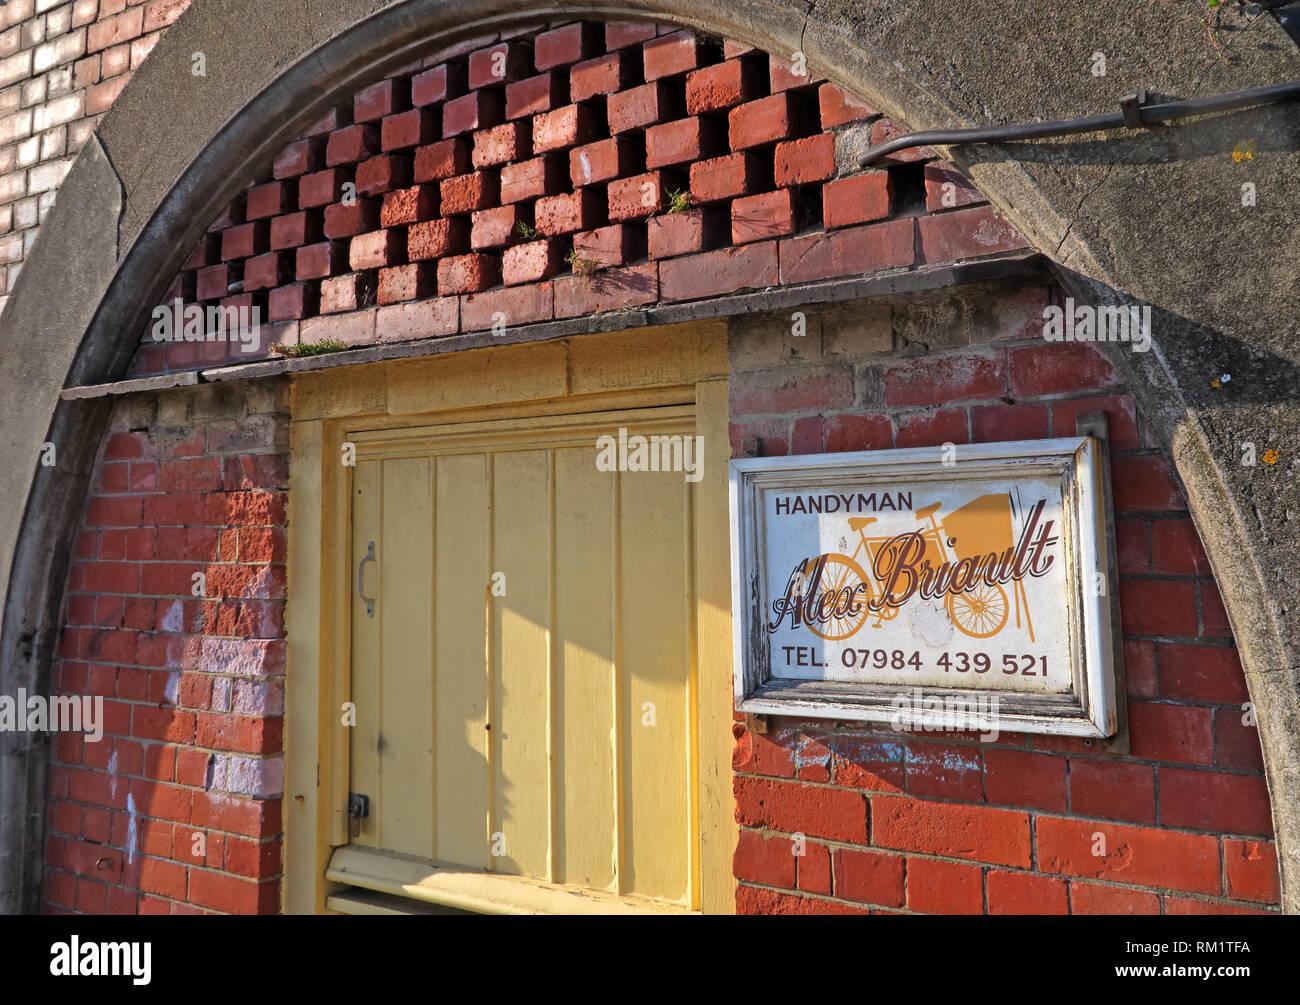 GoTonySmith,HotpixUK,@HotpixUK,England,UK,city